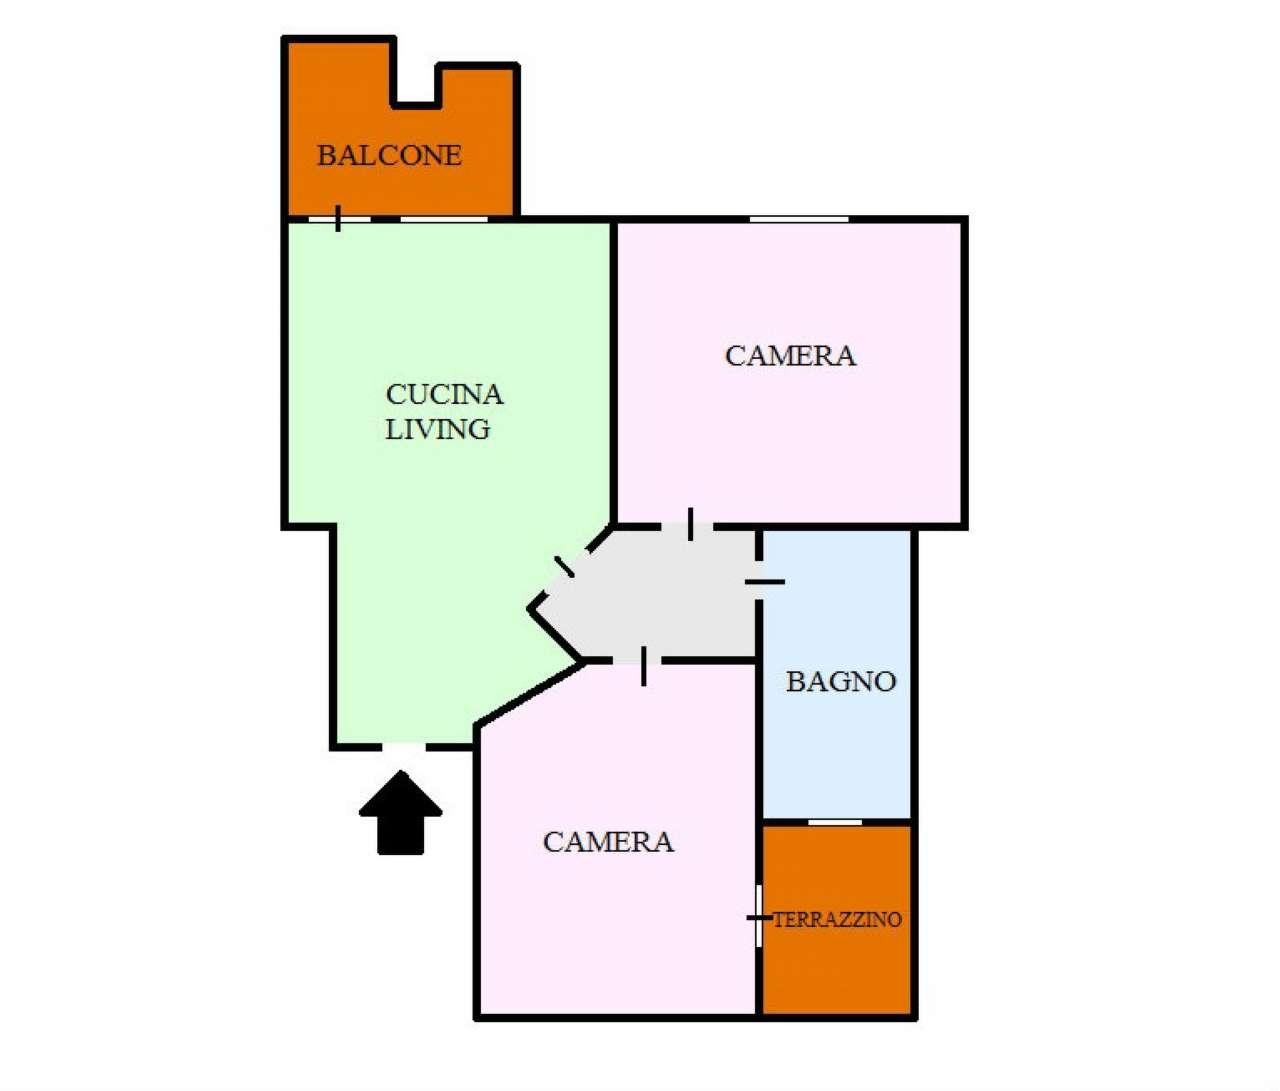 Appartamento in vendita a San Giorgio a Cremano, 2 locali, prezzo € 159.000 | CambioCasa.it